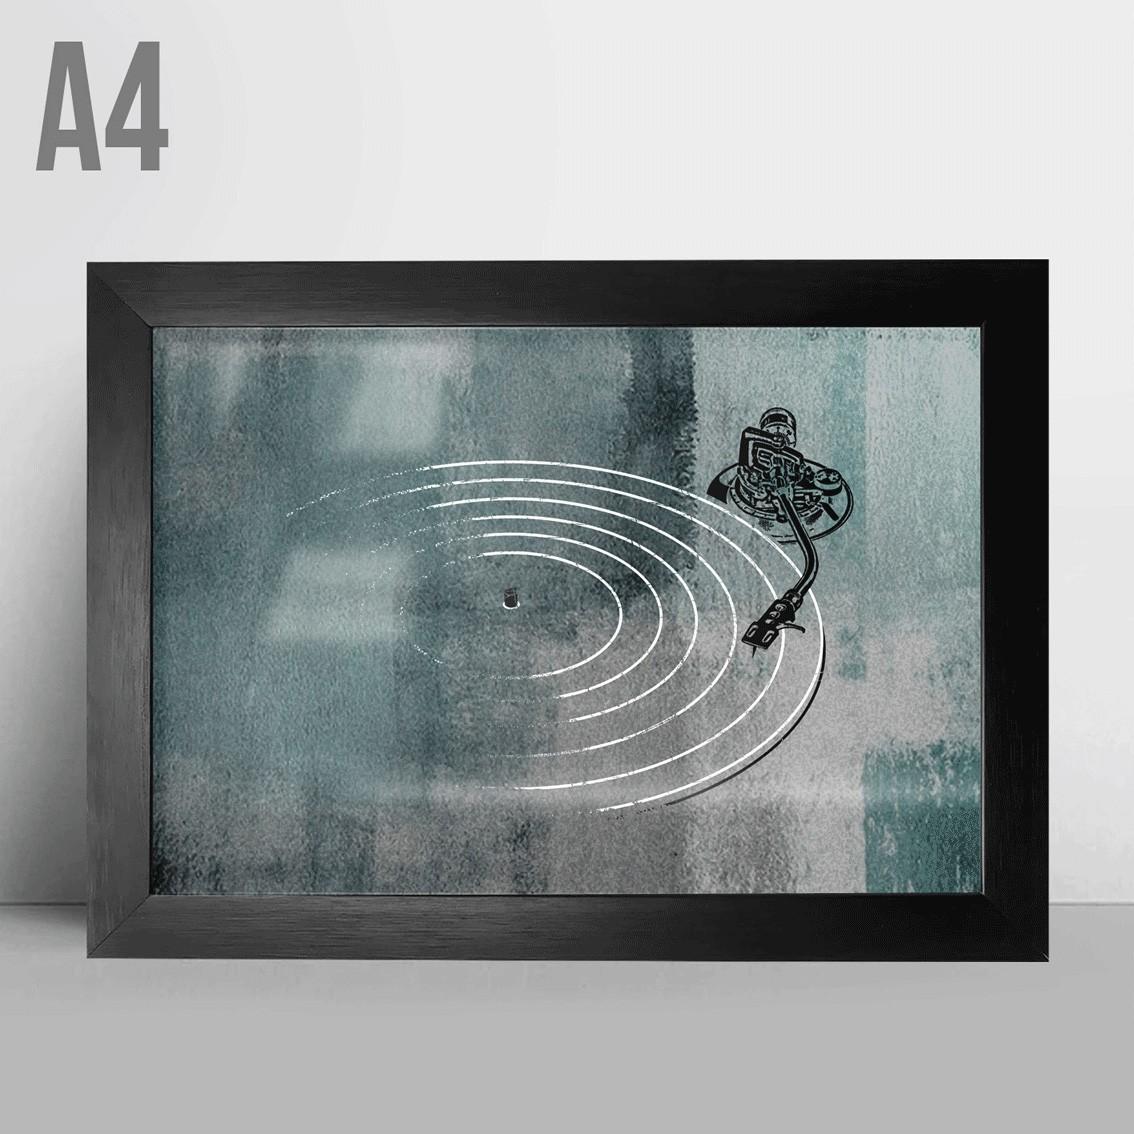 Quadro A4 - Toca discos